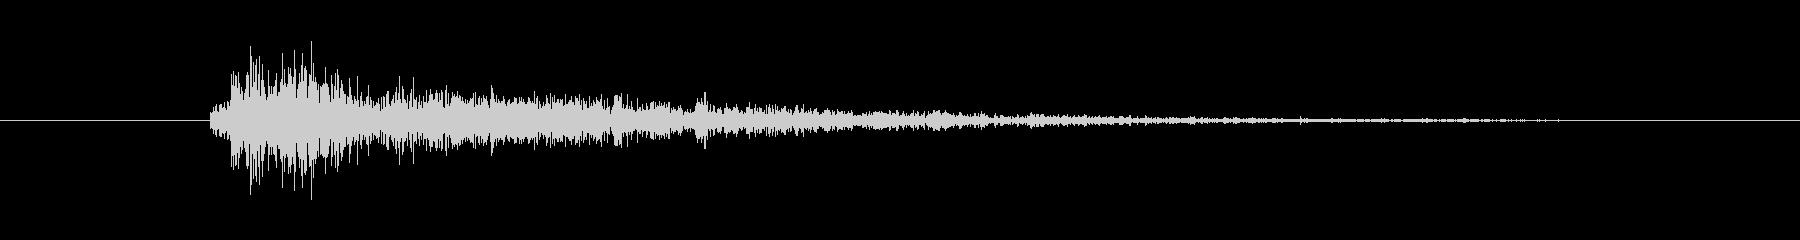 剣 ラトルヒット01の未再生の波形